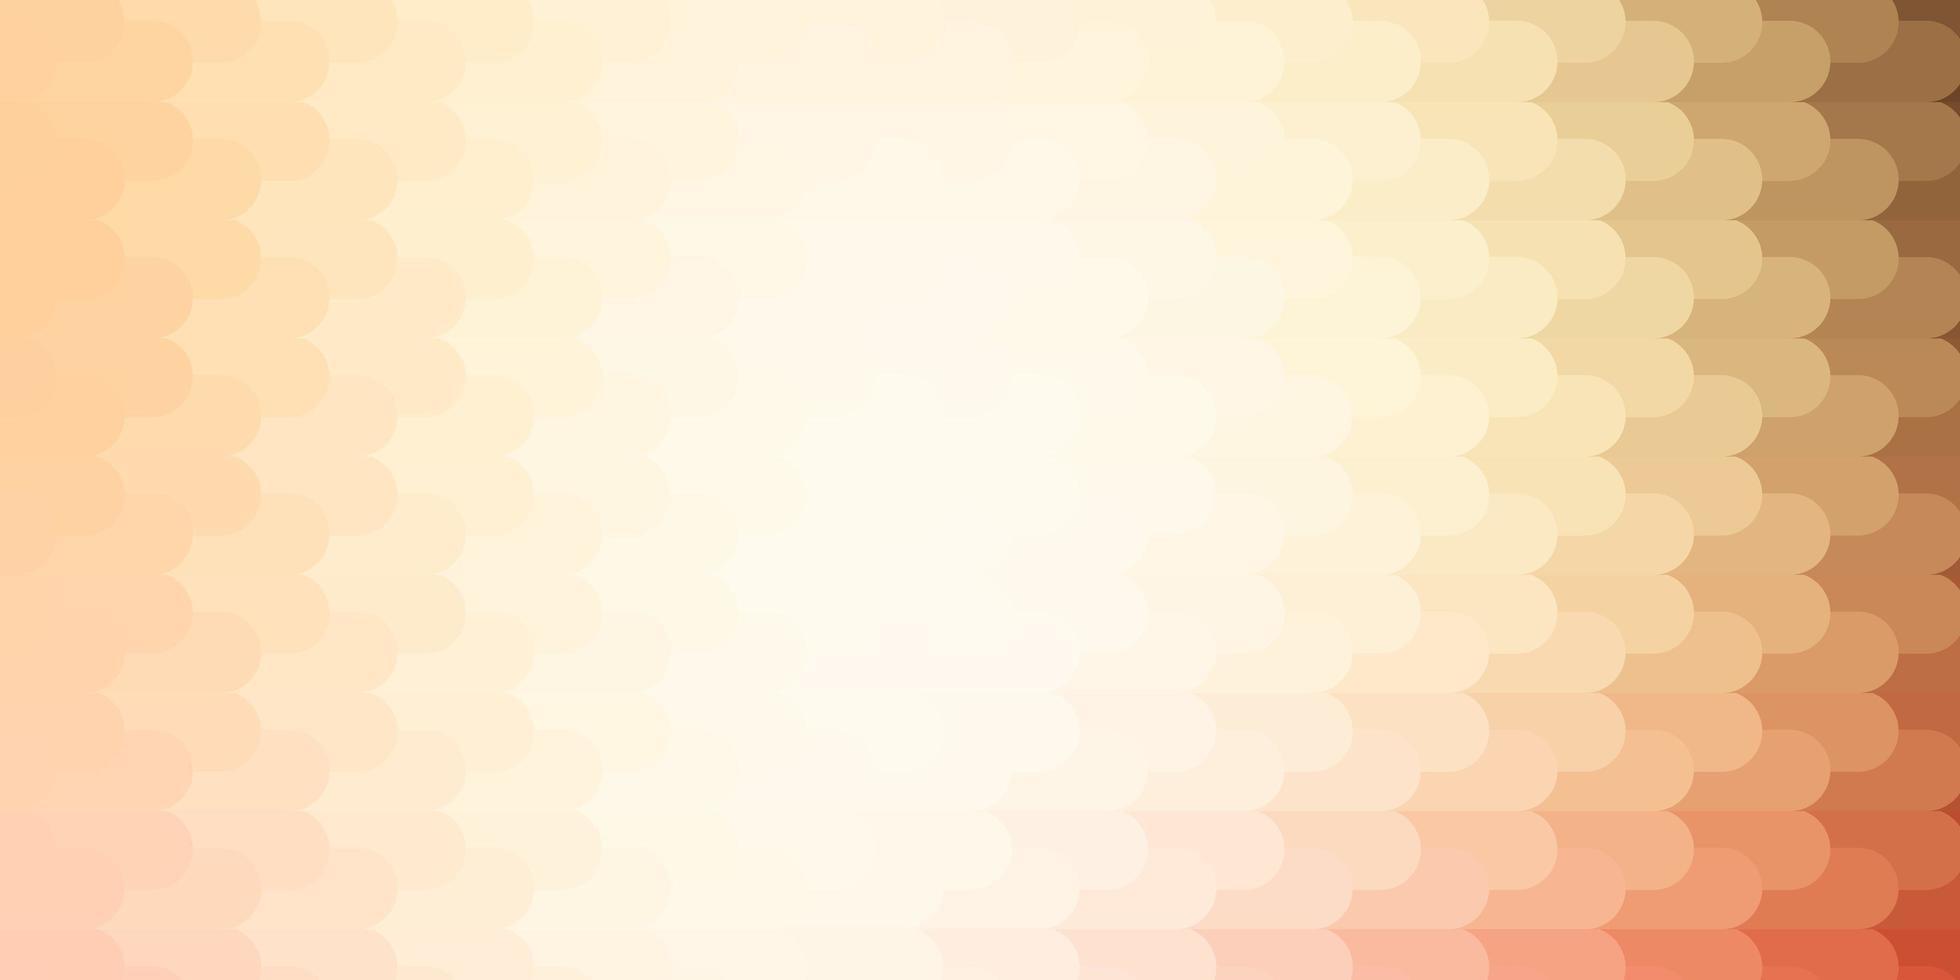 hellrosa, gelbe Vektorbeschaffenheit mit Linien. vektor